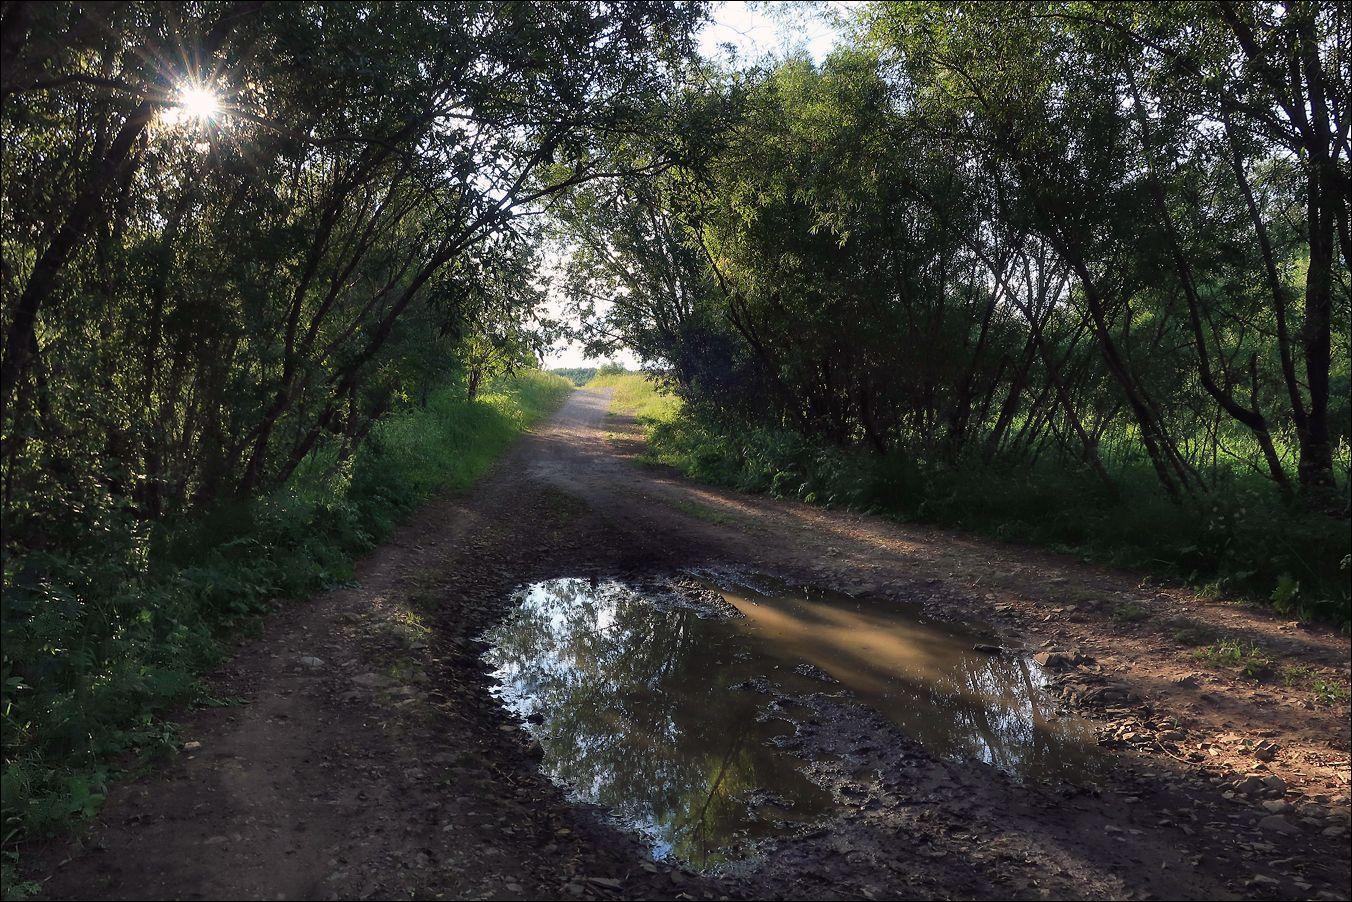 Этюд с лужей лето солнце вода 11.07.2020